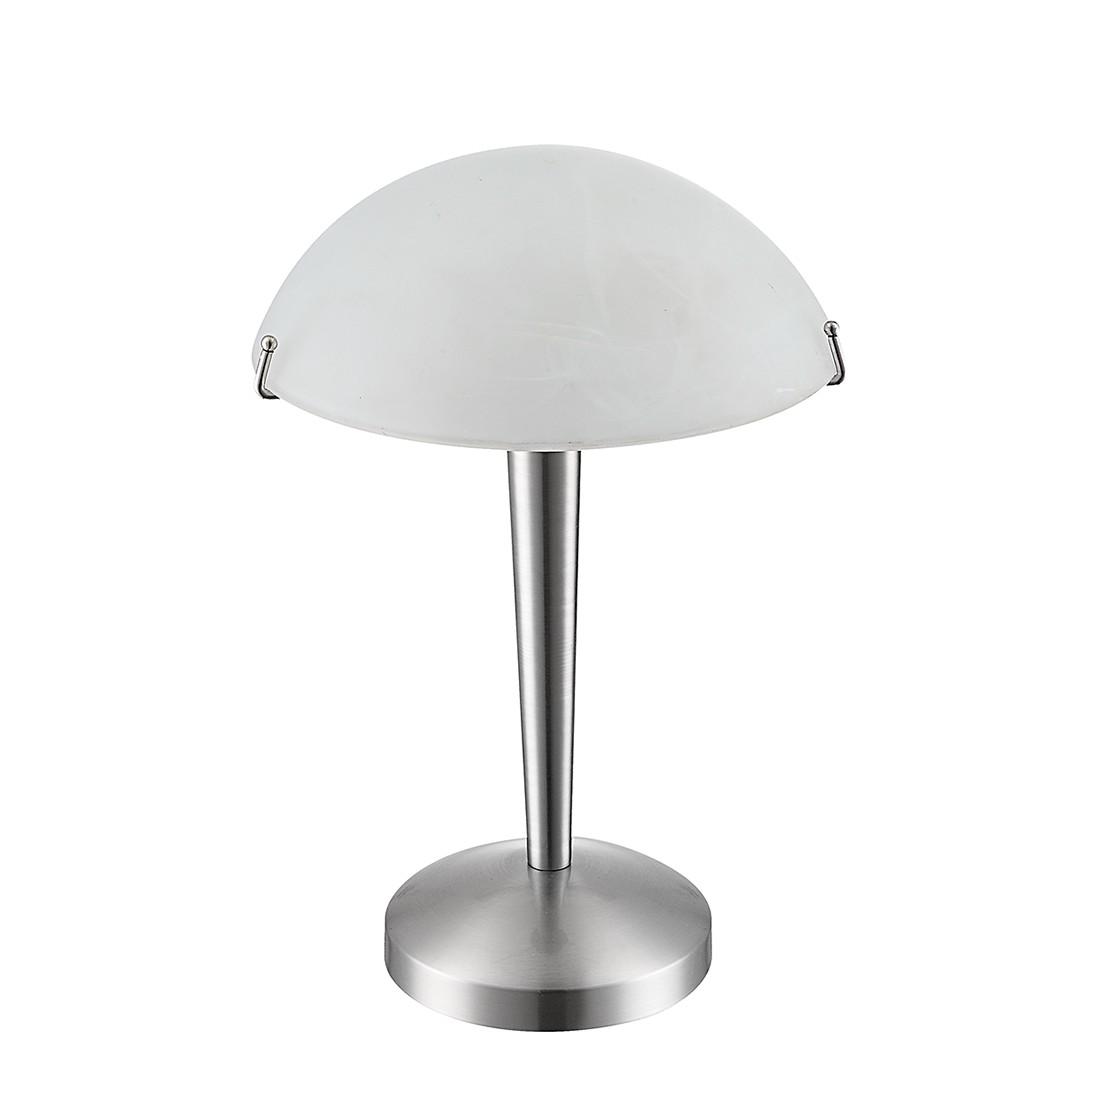 Tischleuchte METZ – Metall/Glas – 1-flammig, Action günstig online kaufen